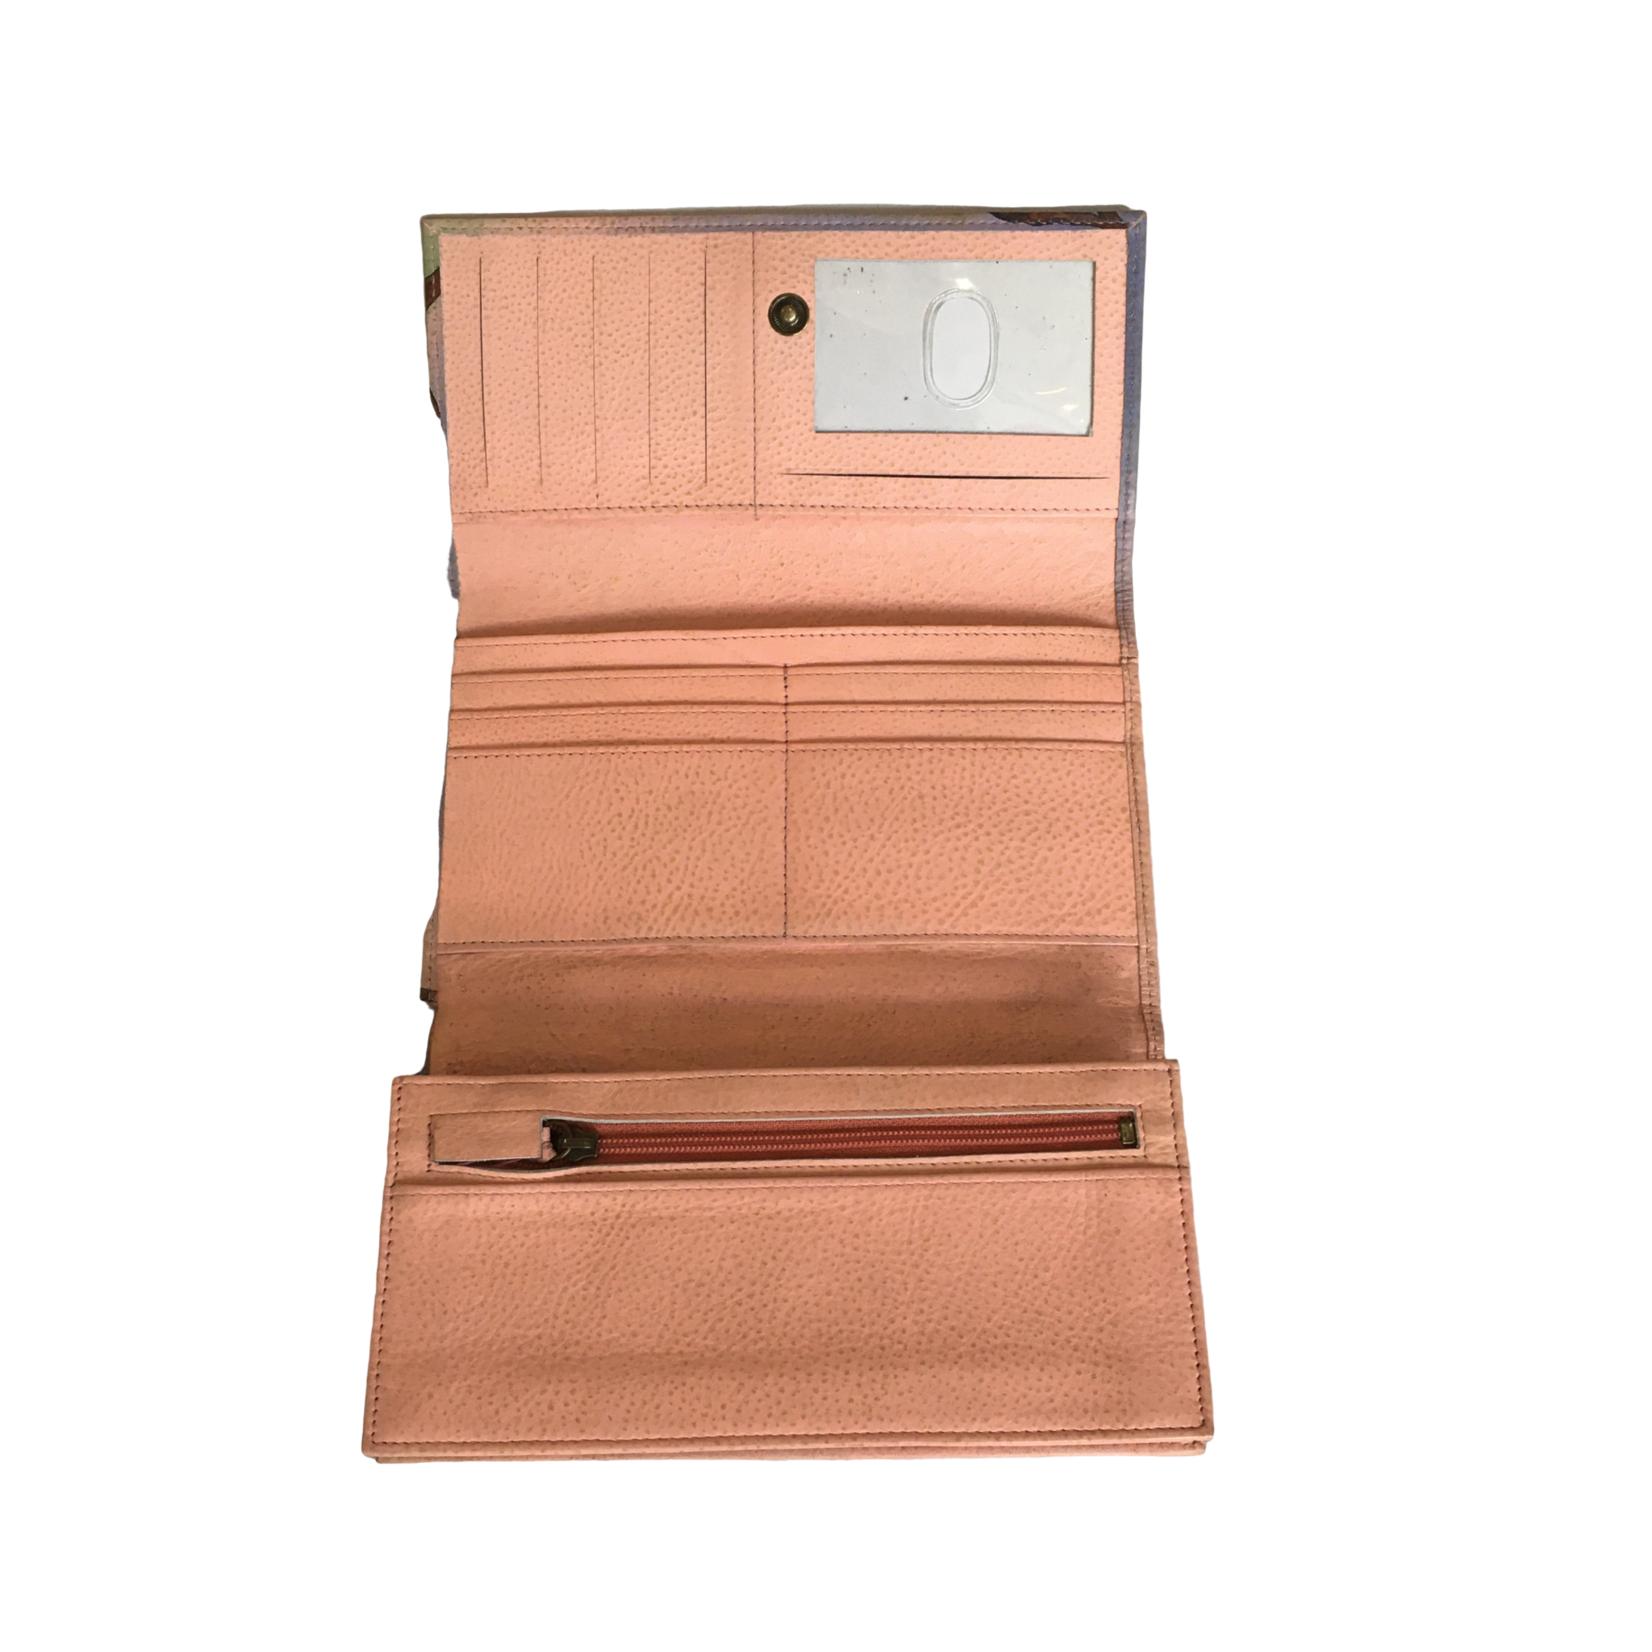 Anuschka triple fold clutch wallet 1043 jpg